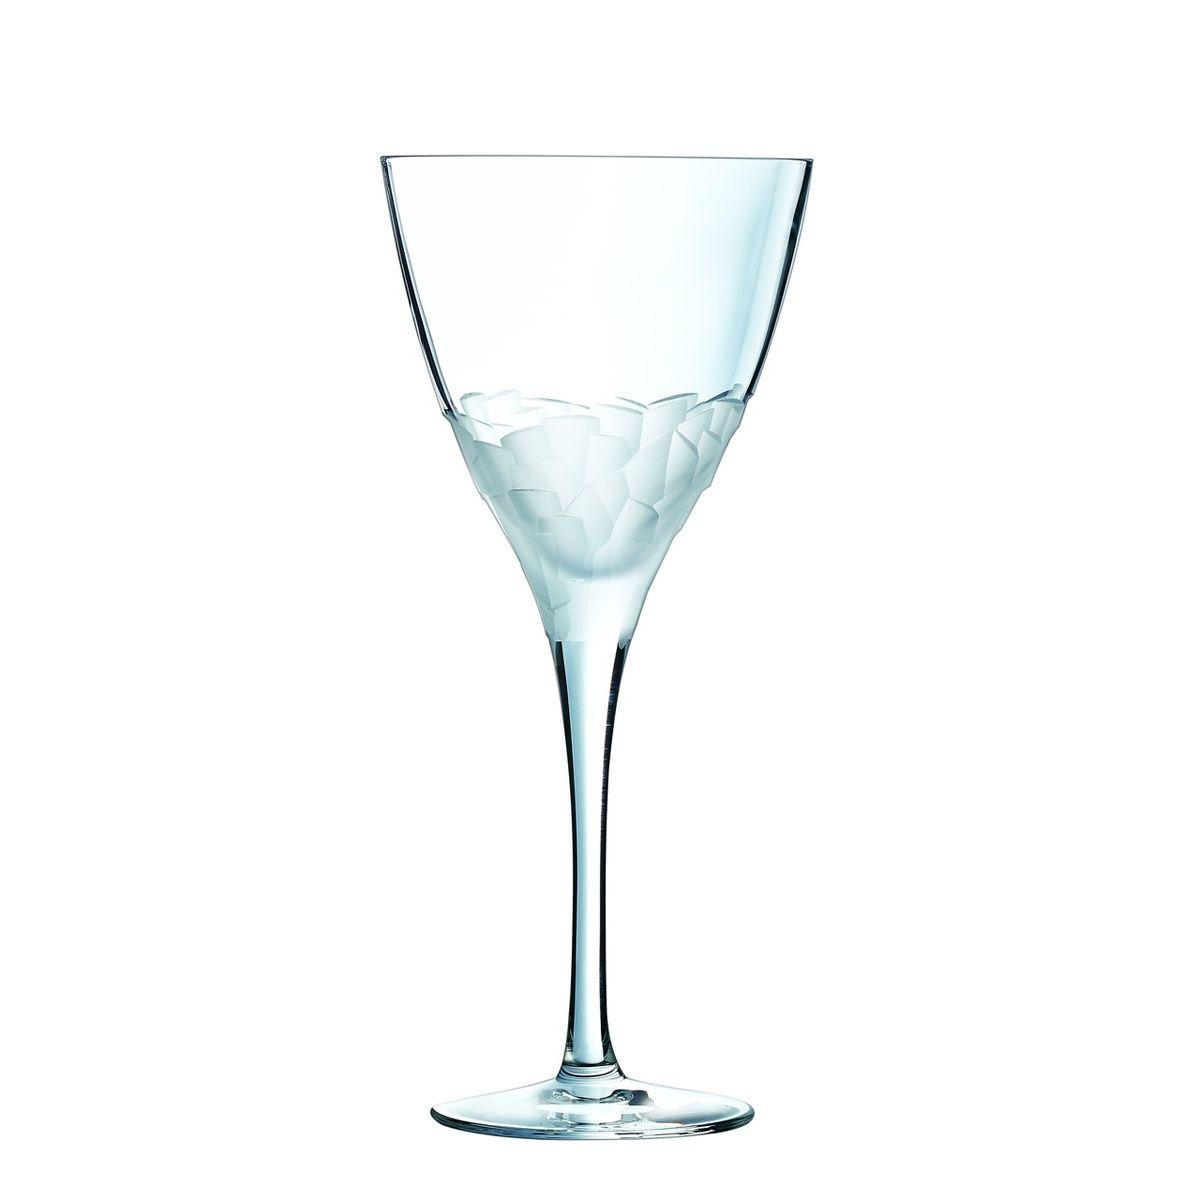 Набор бокалов д/вина 6 шт 300 мл INTUITIONНабор  из 6-ти бокалов для вина 300 мл INTUITION<br>